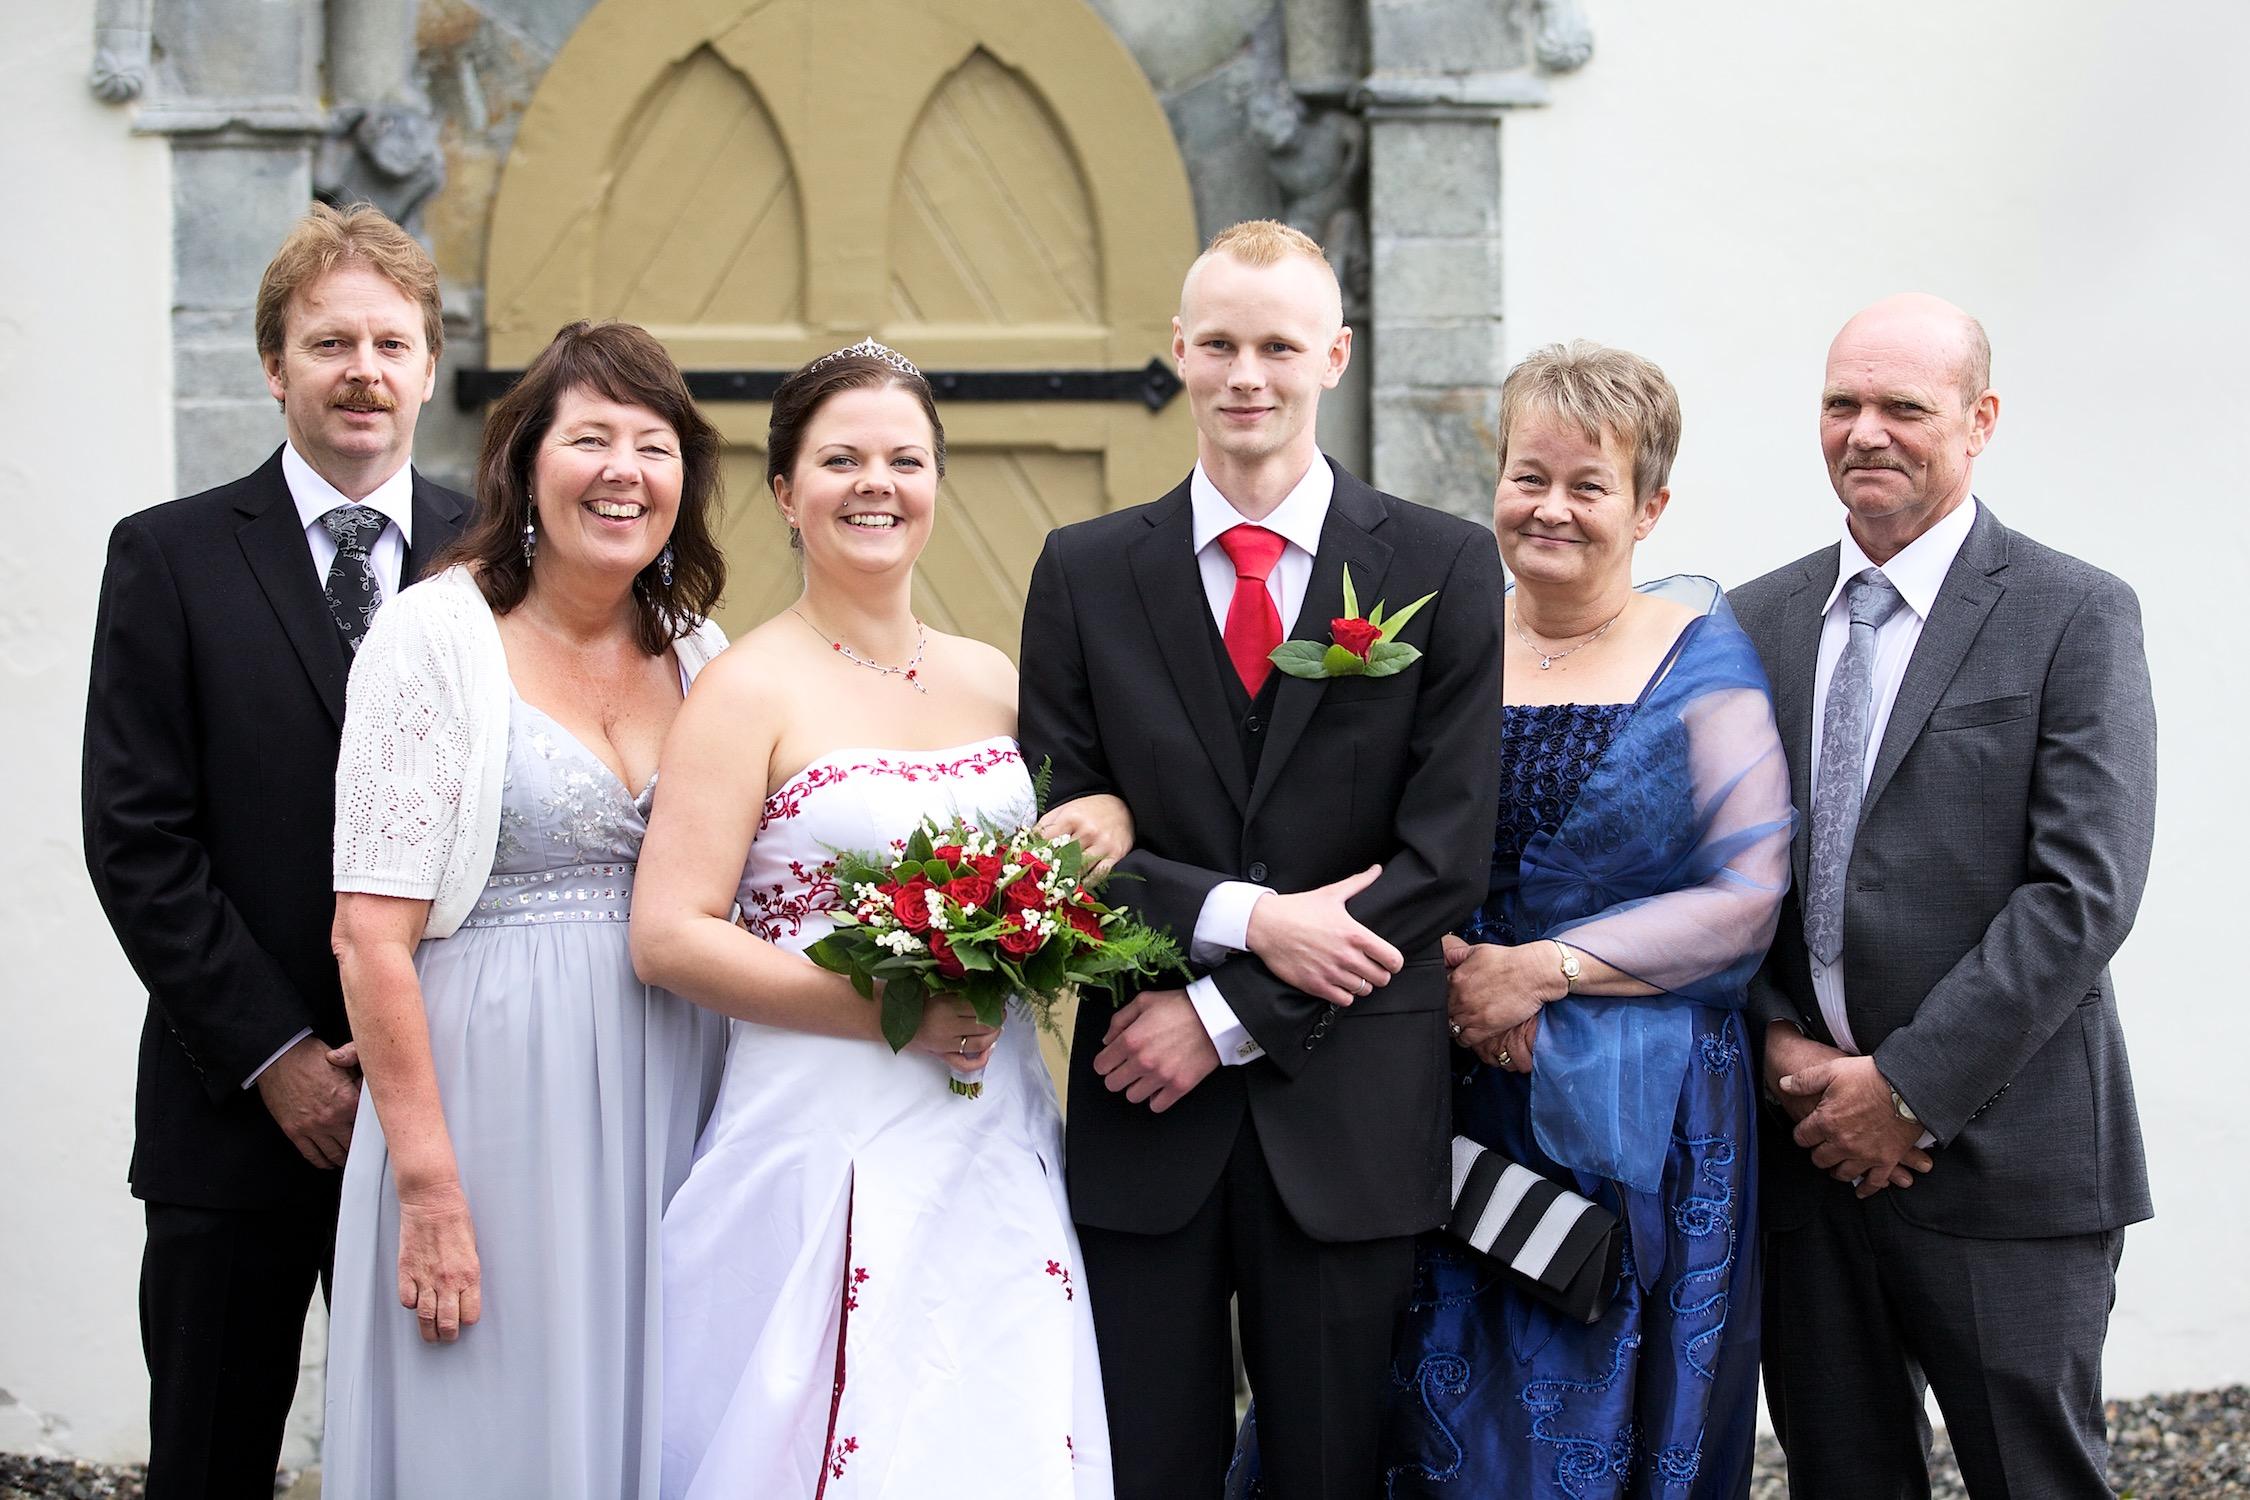 bryllup-bryllupsfotograf-bryllupsfotografering-fotograf-pål-hodne-hodne-design-hodnedesign 5.jpg